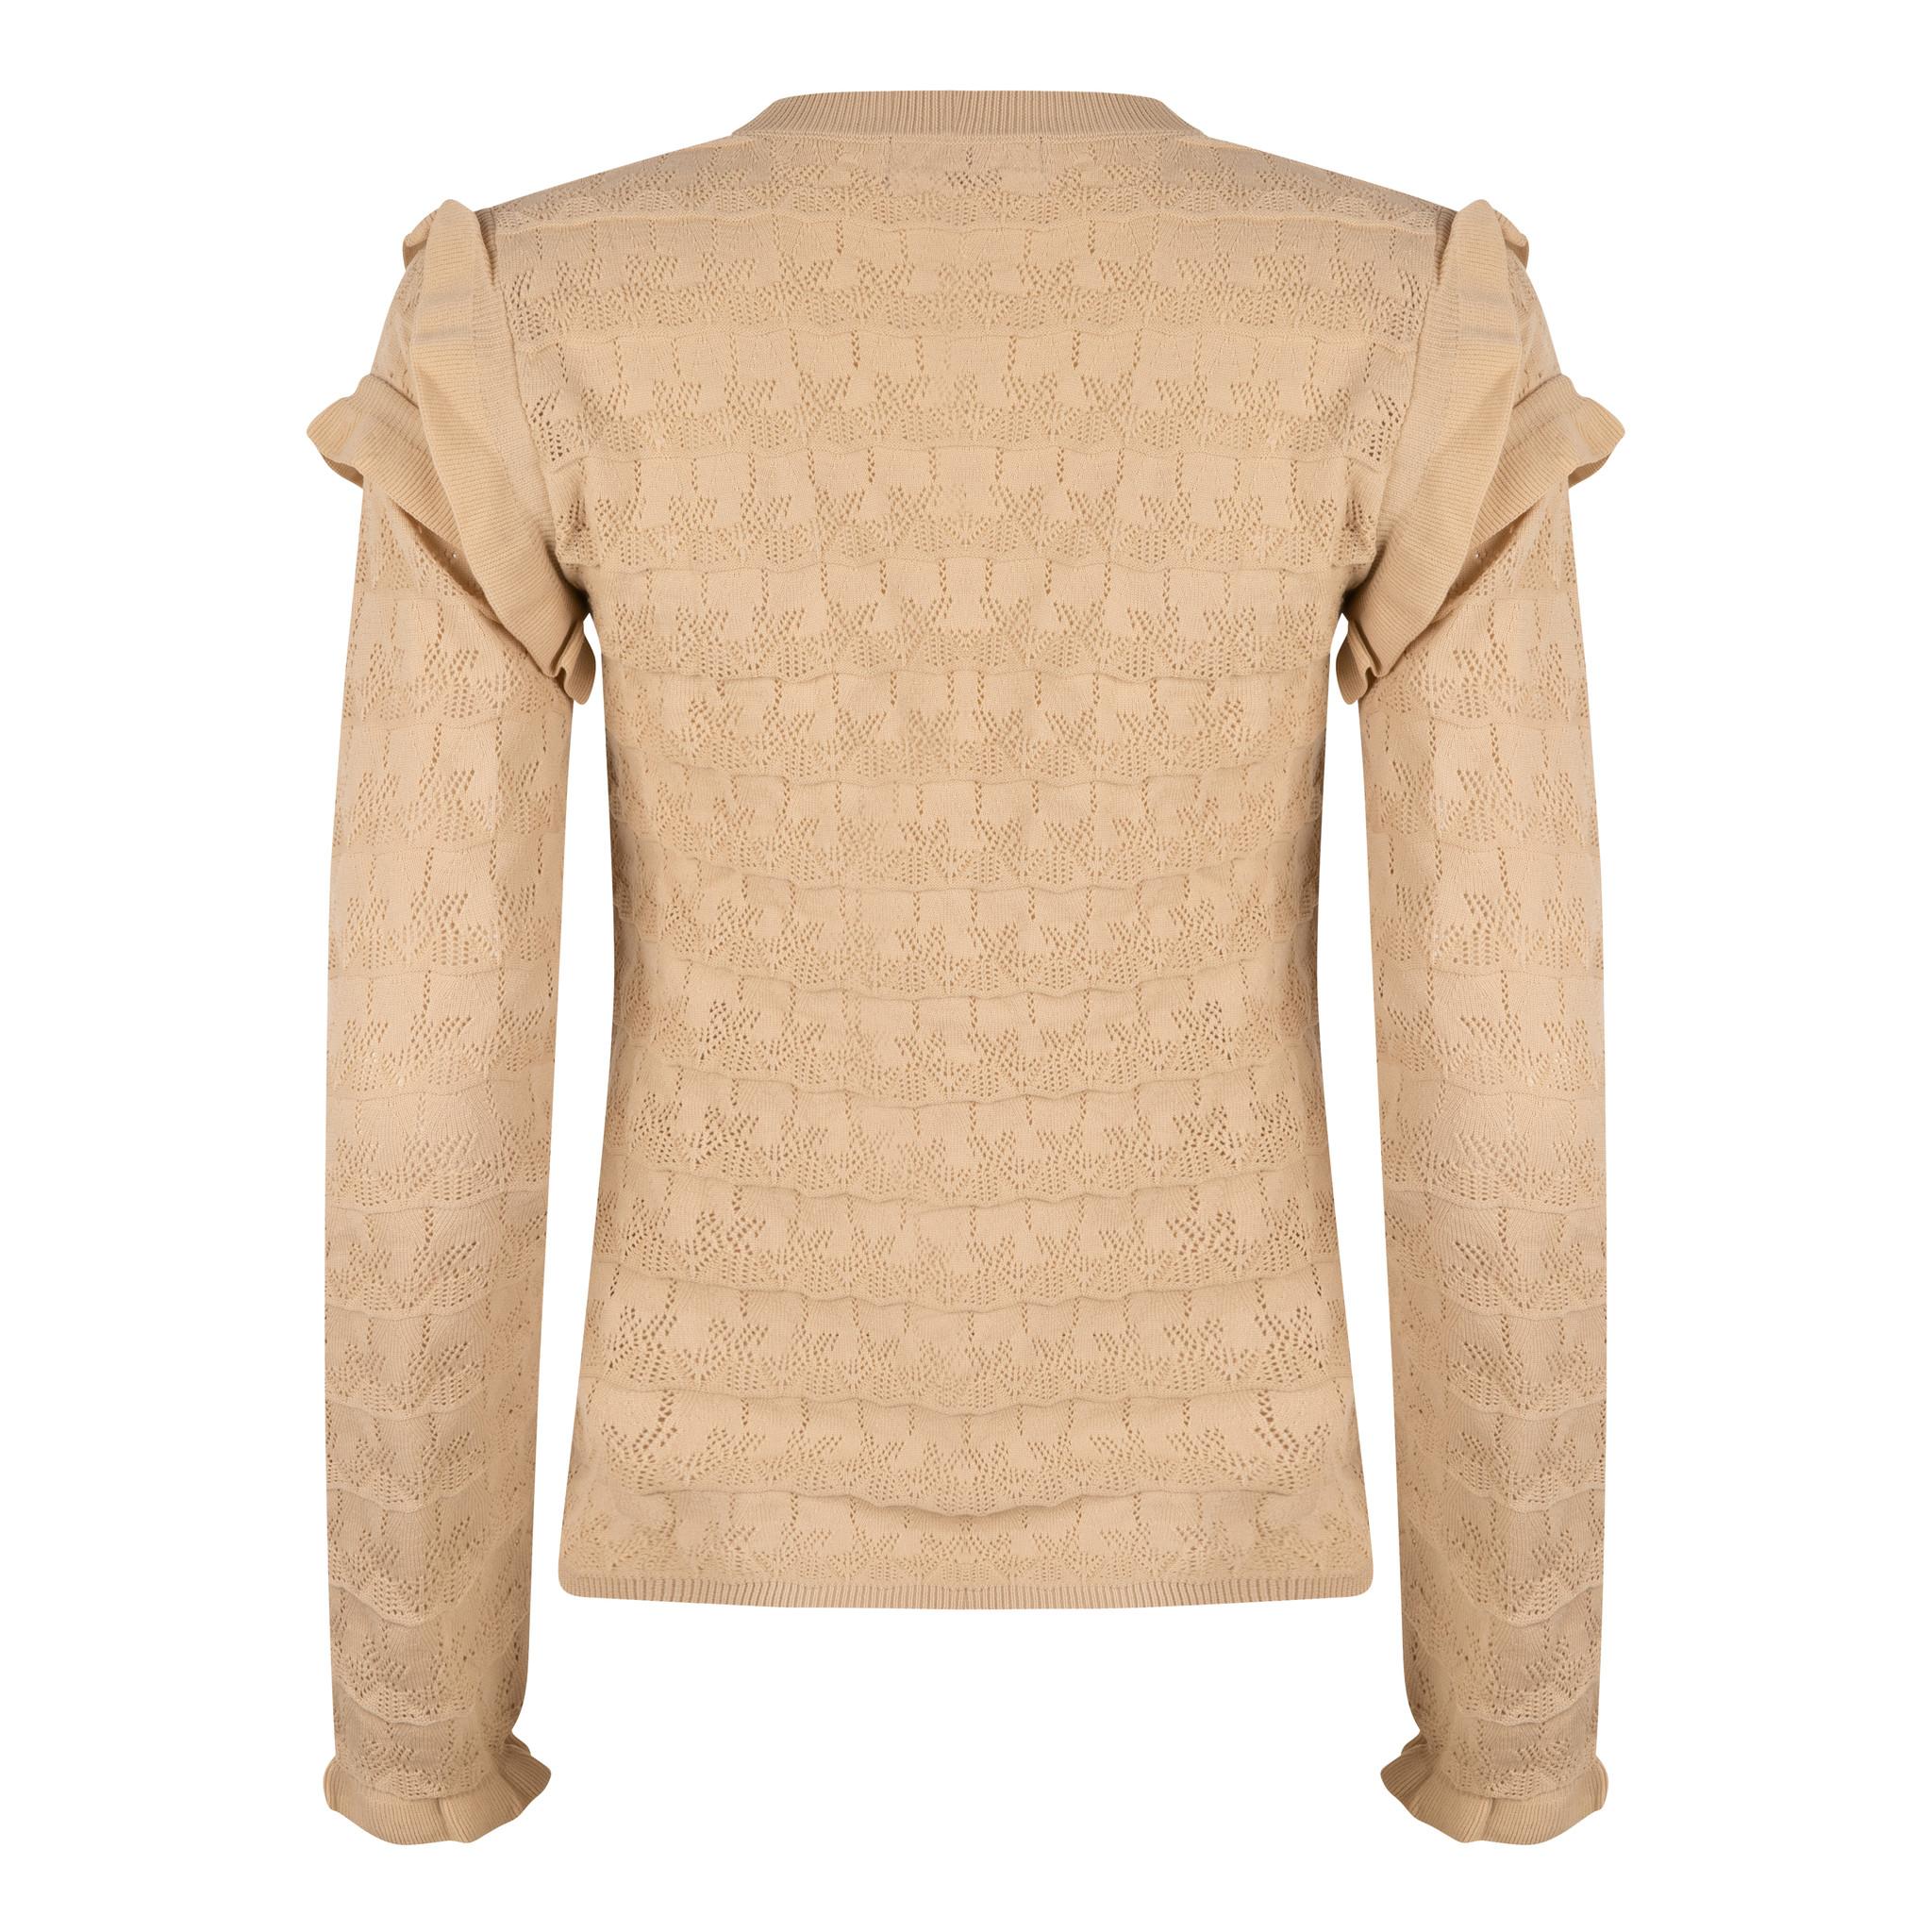 Lofty Manner Beige Sweater Regina